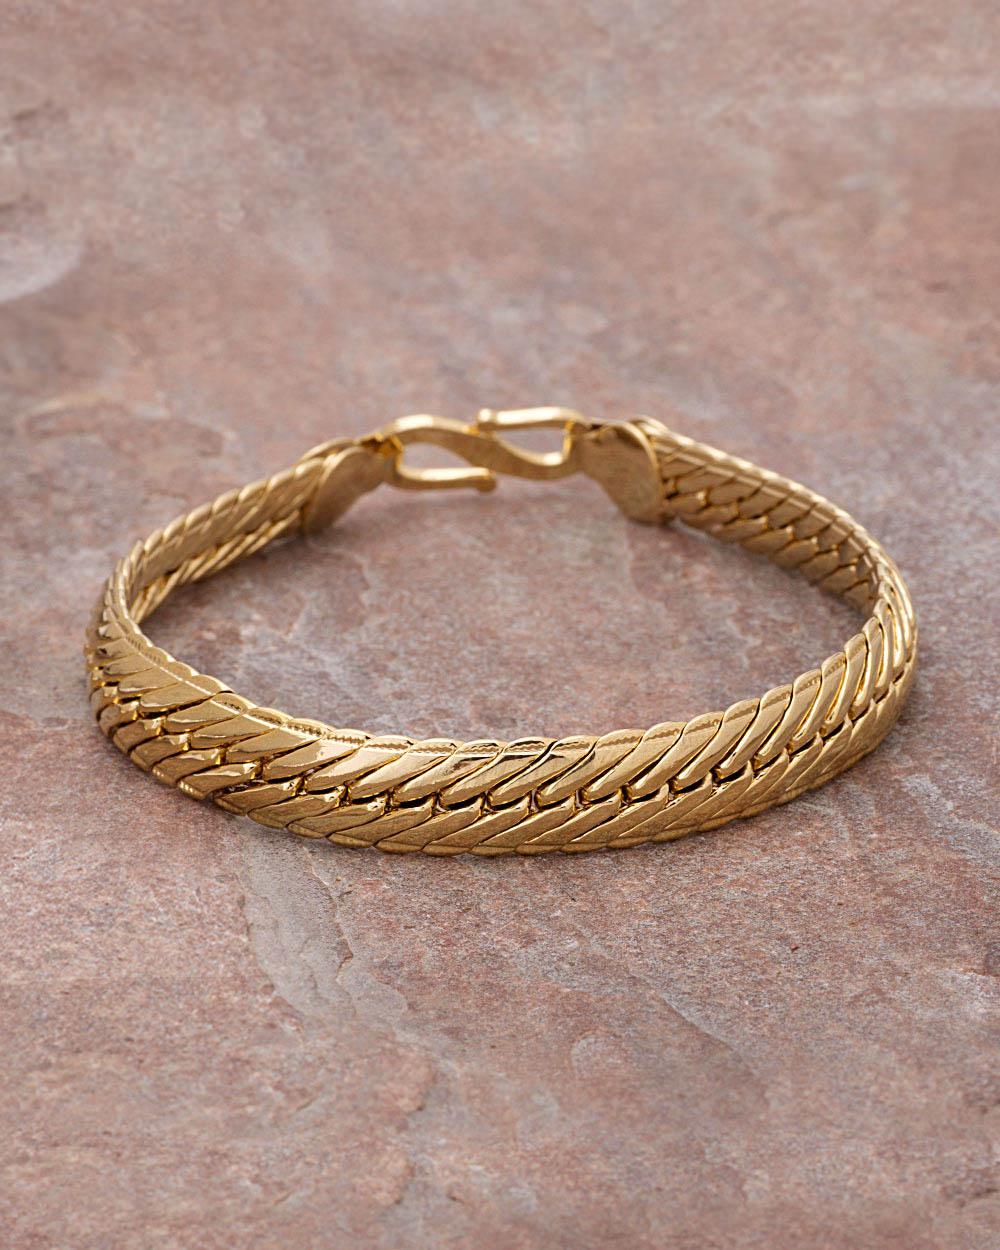 Buy Mens Bracelets - Silver, Gold Plated, Designer Bracelets for ...